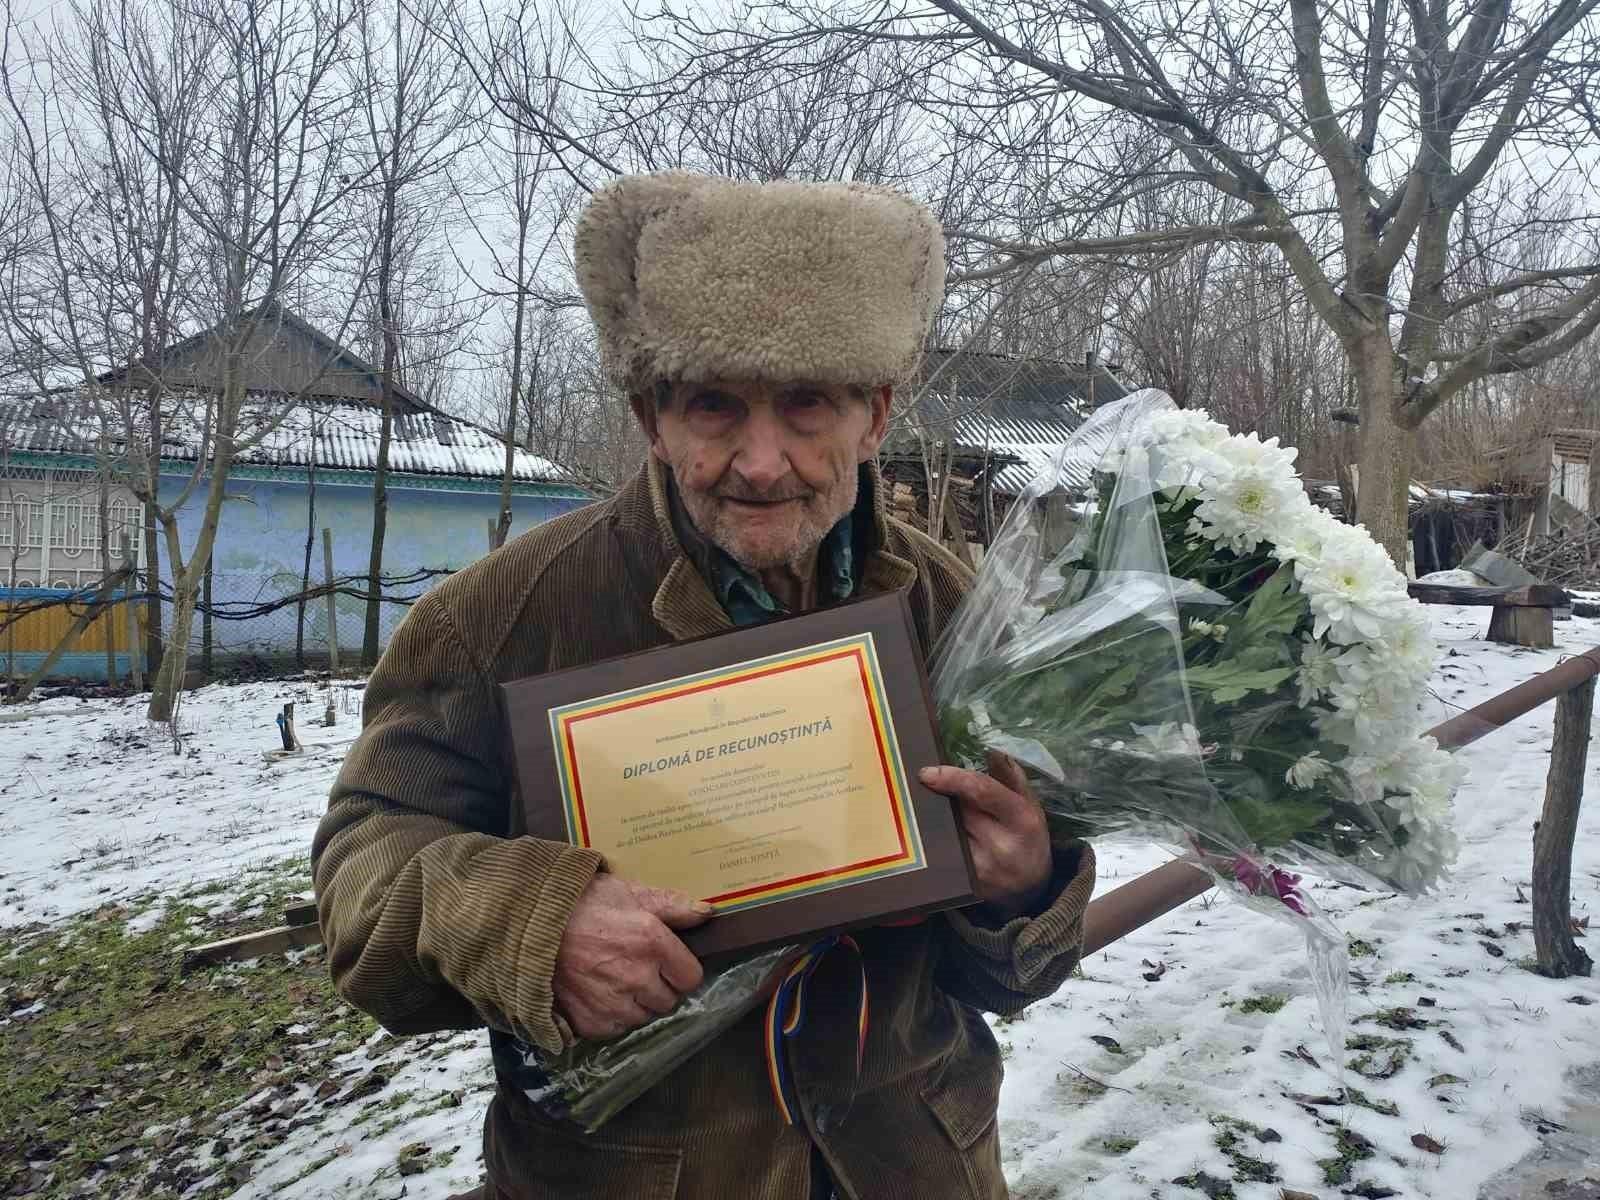 Veteranul de război Constantin Cojocari, sărbătorit de Ambasada României în Republica Moldova la împlinirea vârstei de 102 ani